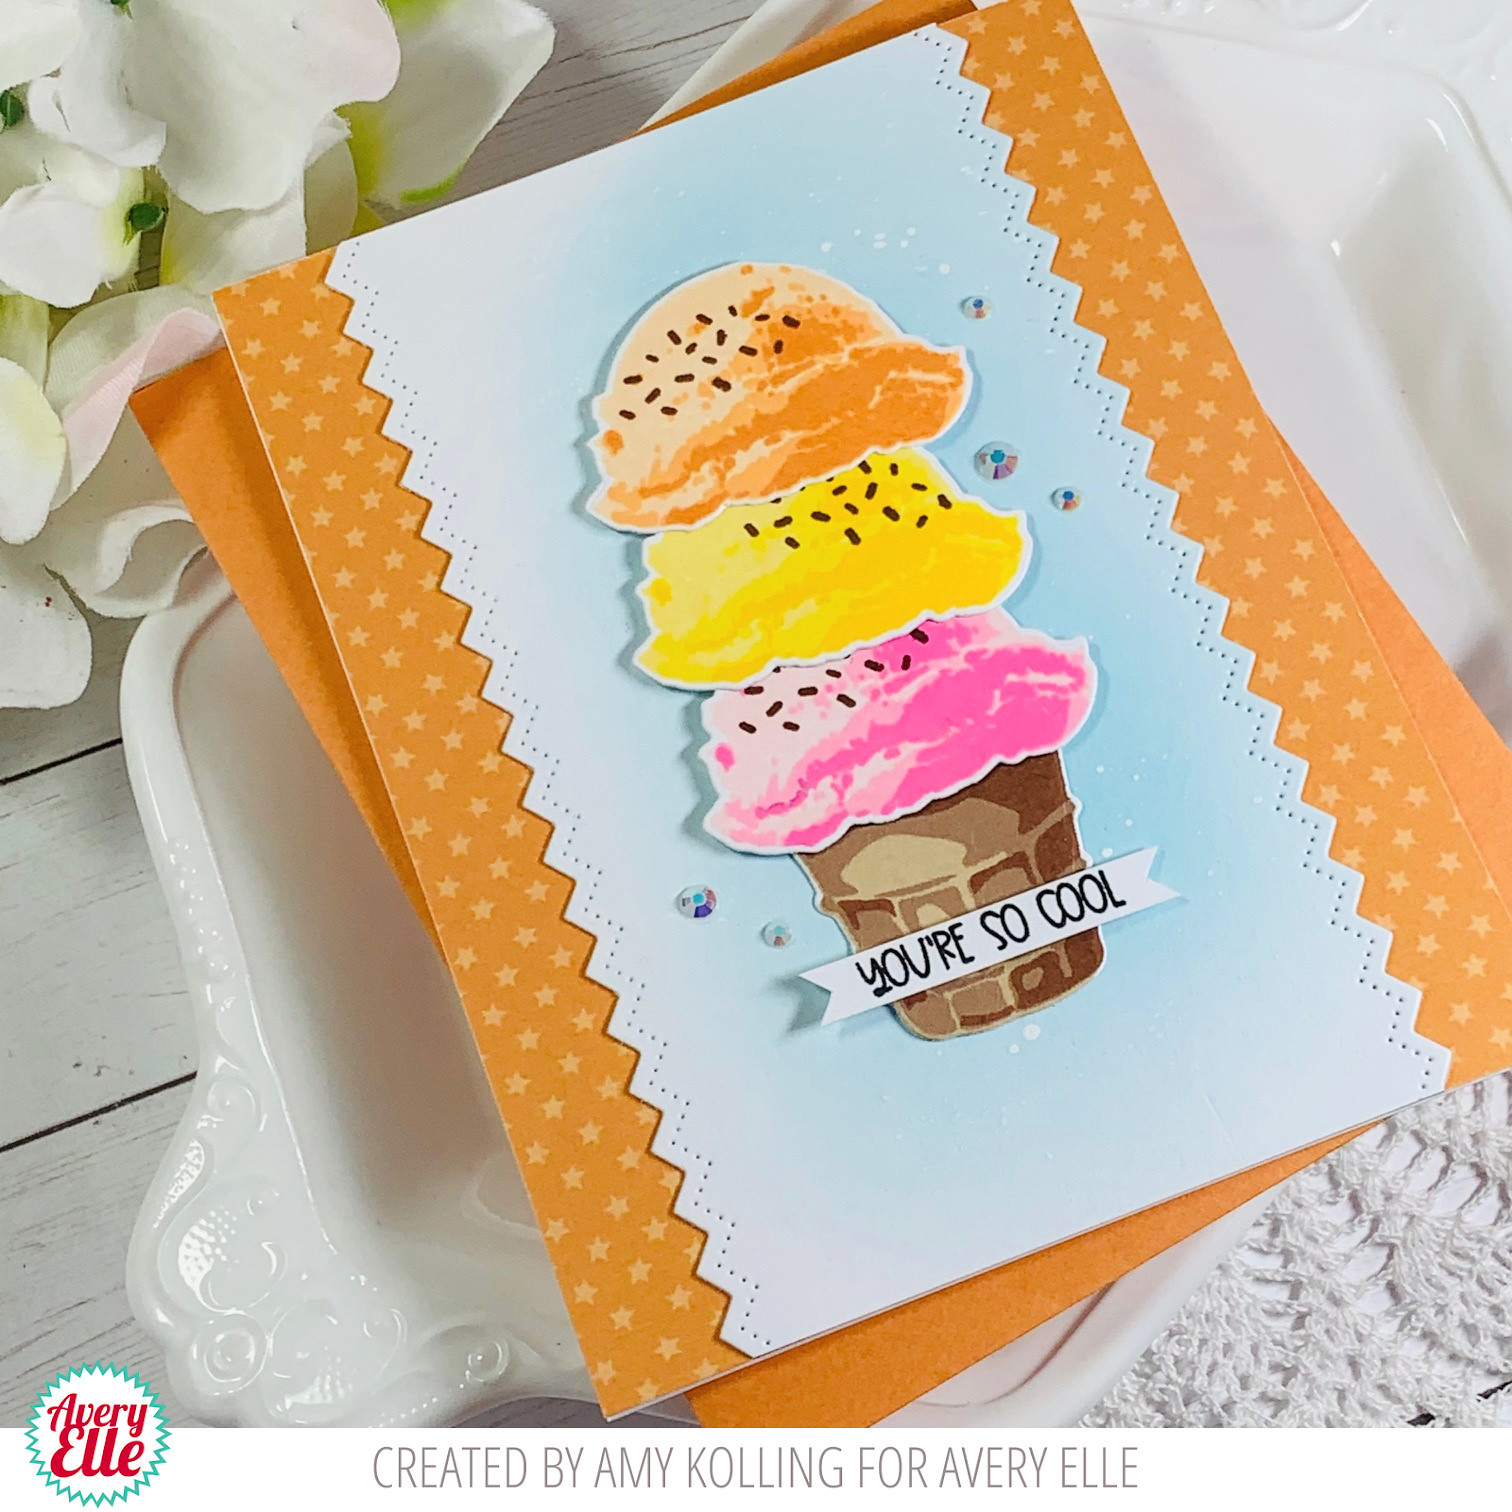 Layered Ice Cream2